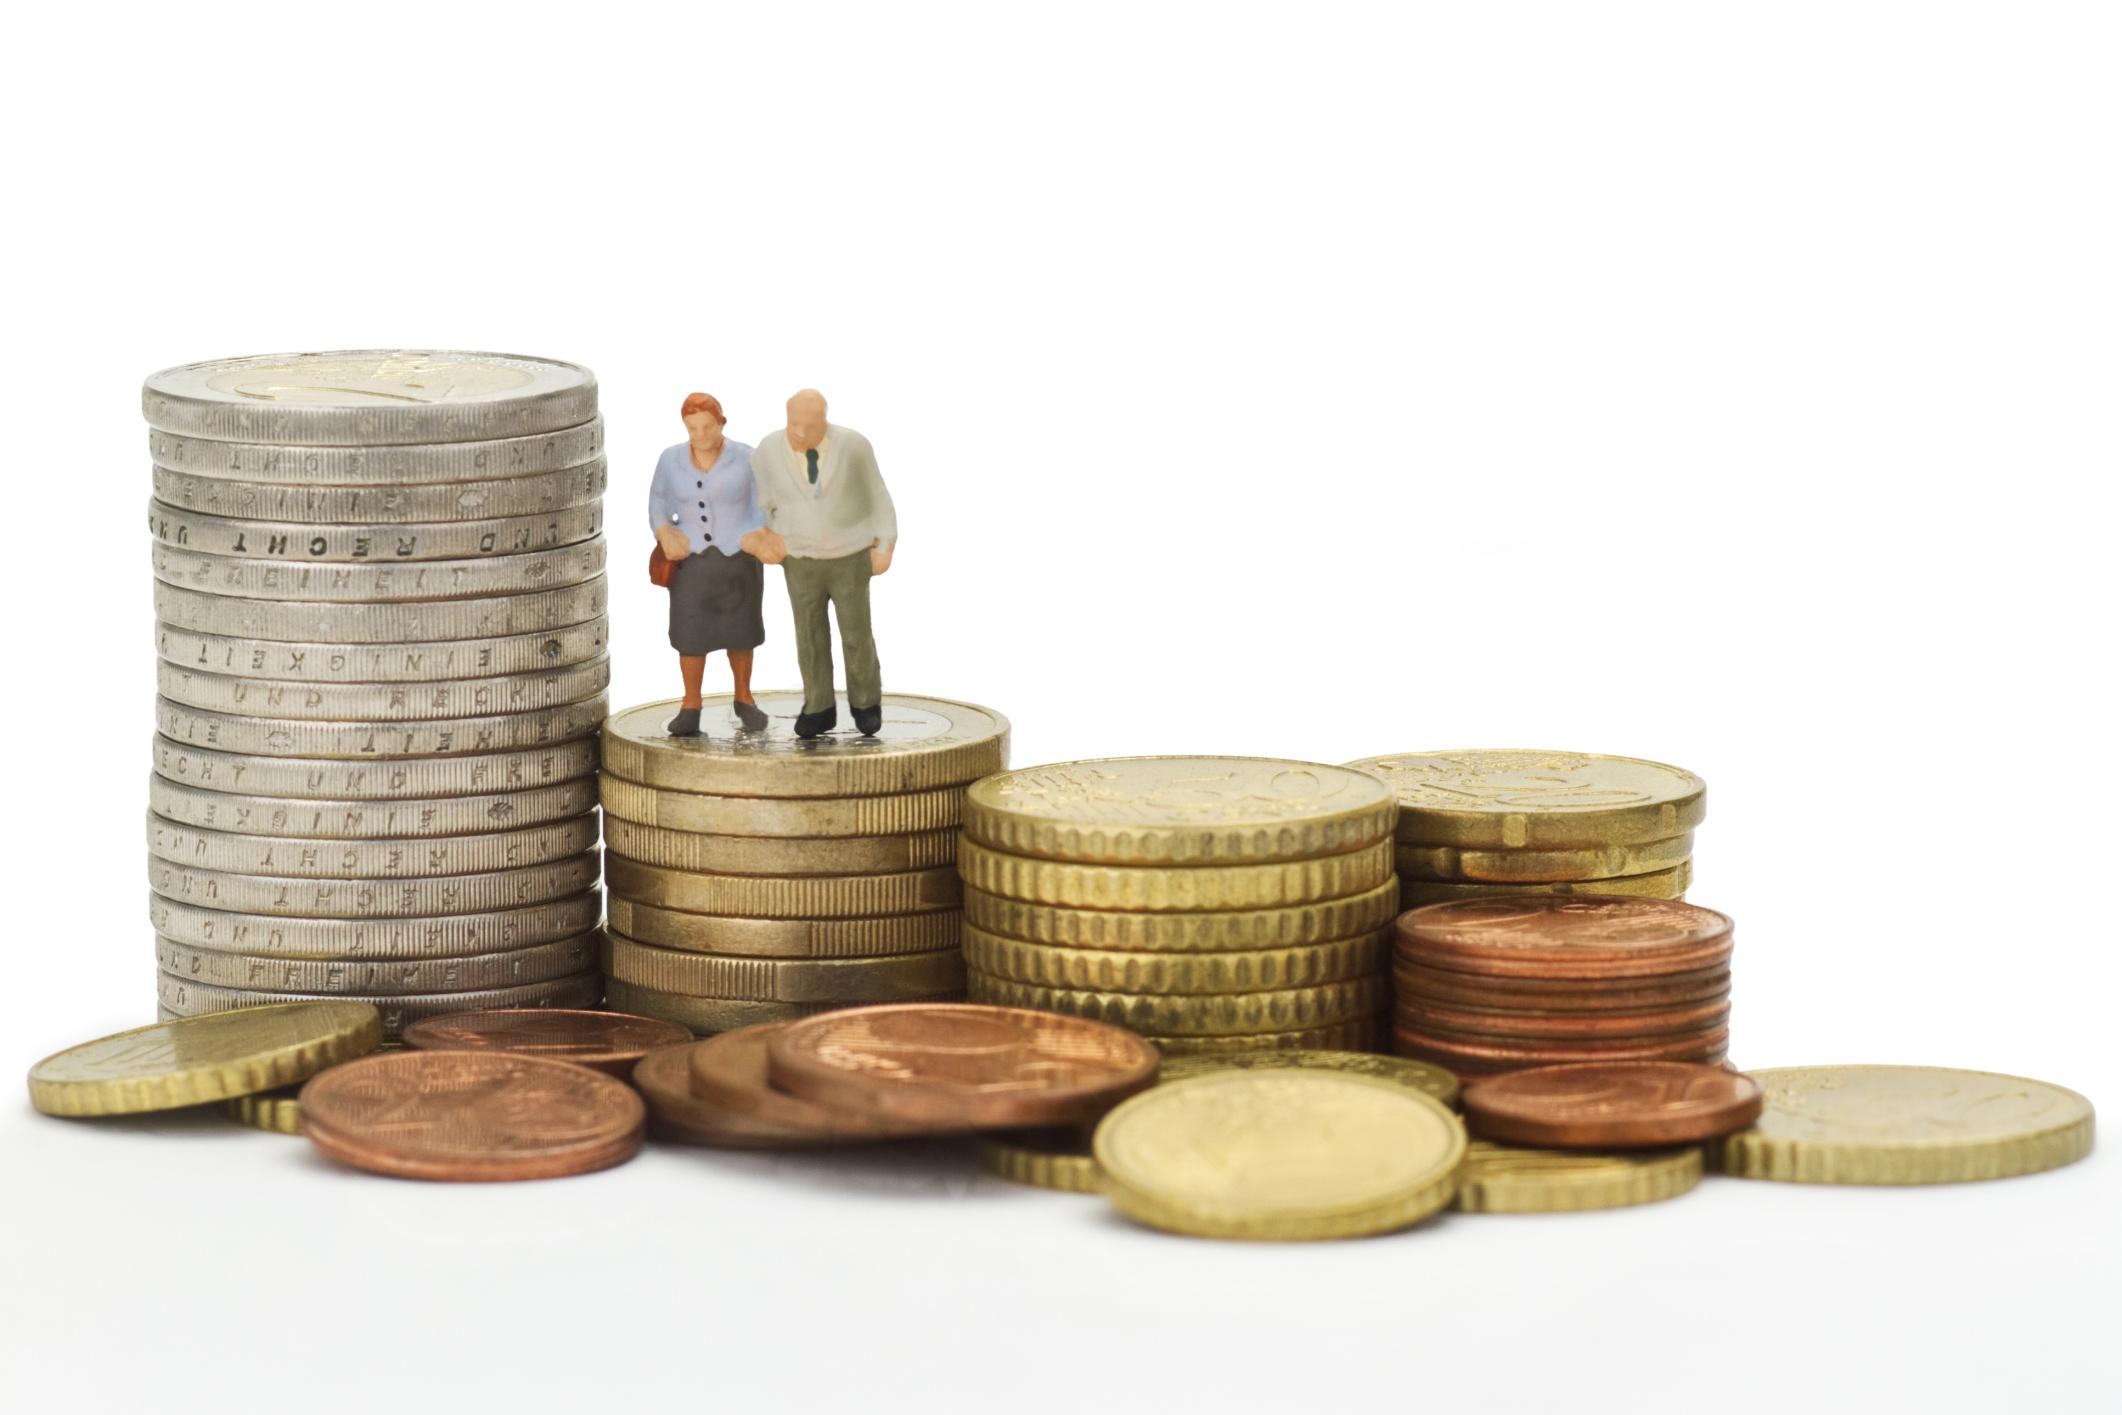 Як працевлаштувати майбутніх пенсіонерів?